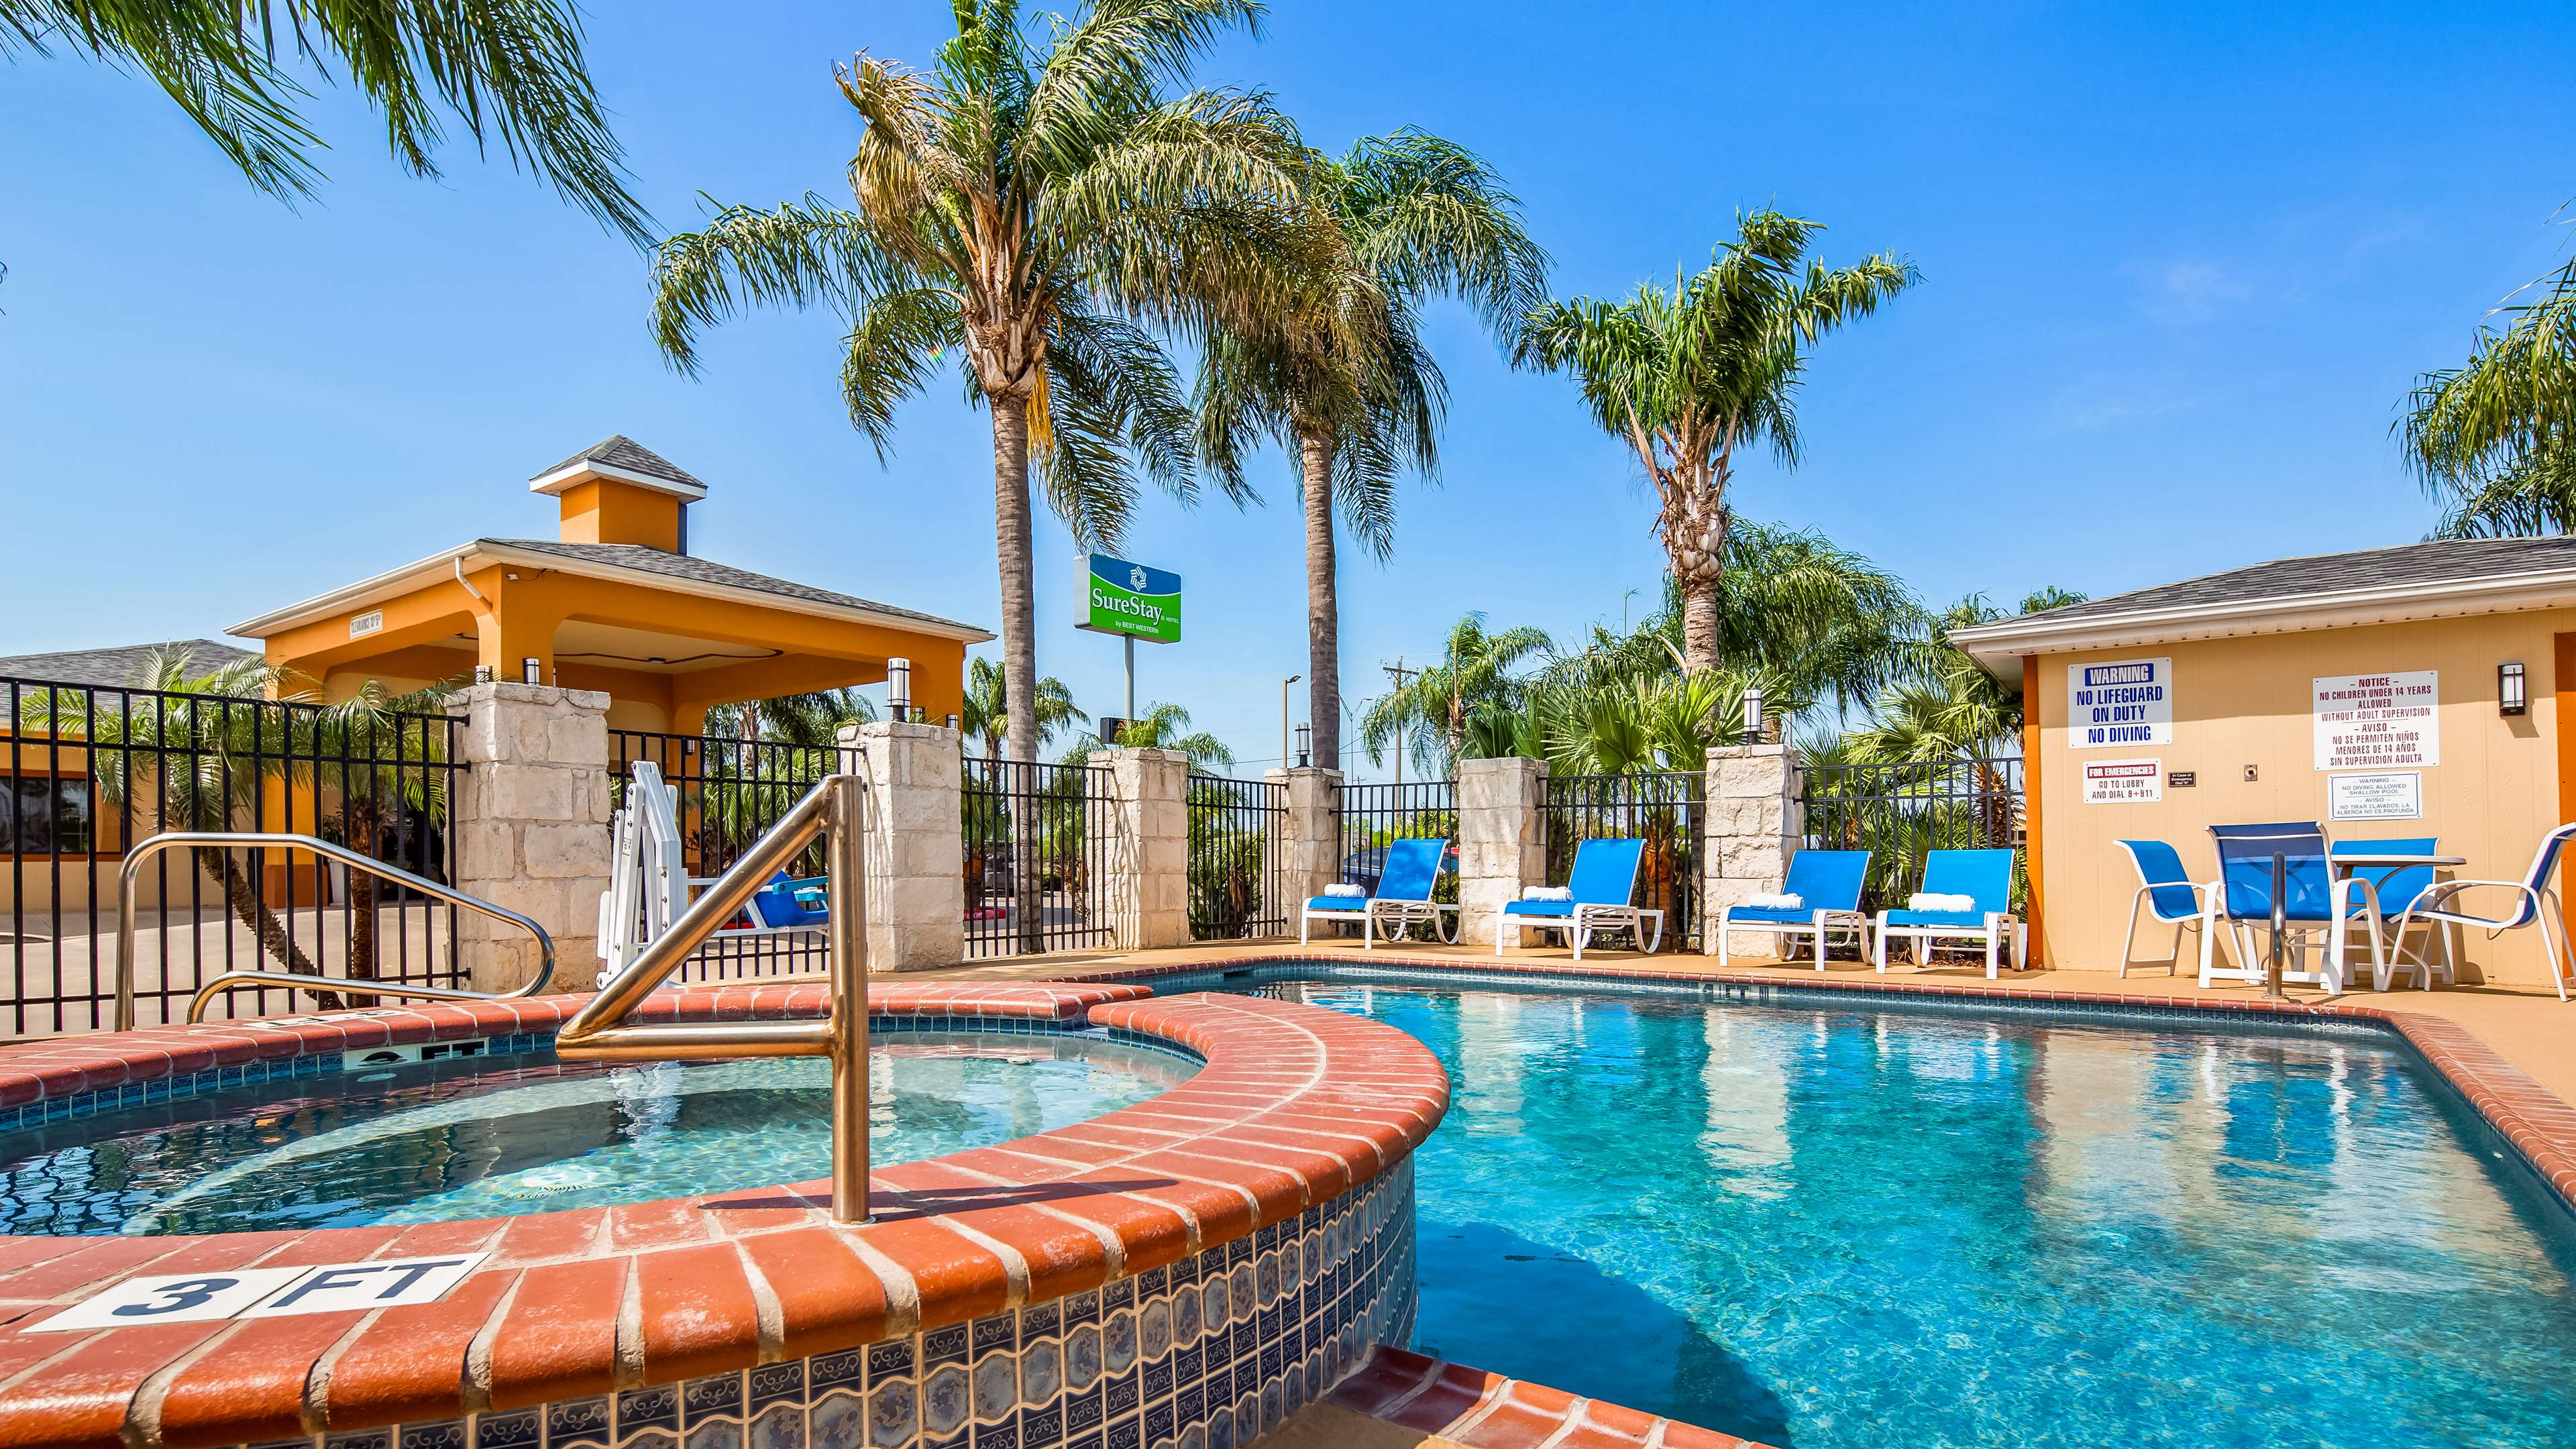 SureStay Hotel by Best Western Falfurrias image 24